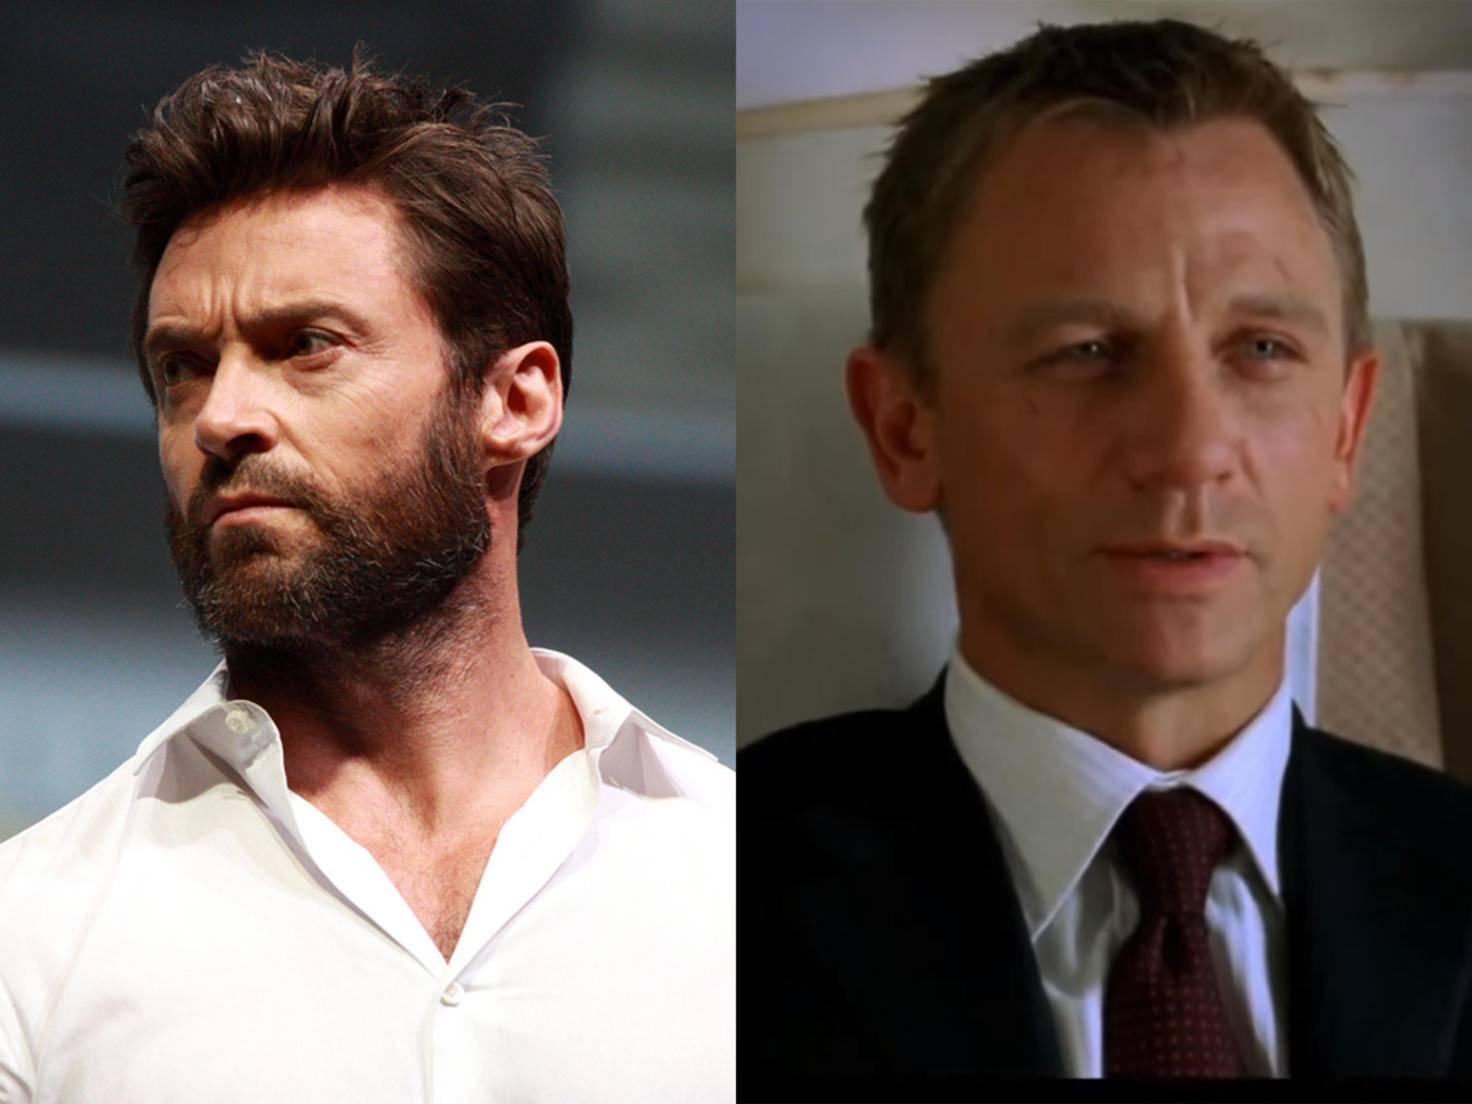 Mutant sein verpflichtet: Hugh Jackman war als Wolverine zu beschäftigt, um 007 zu spielen.